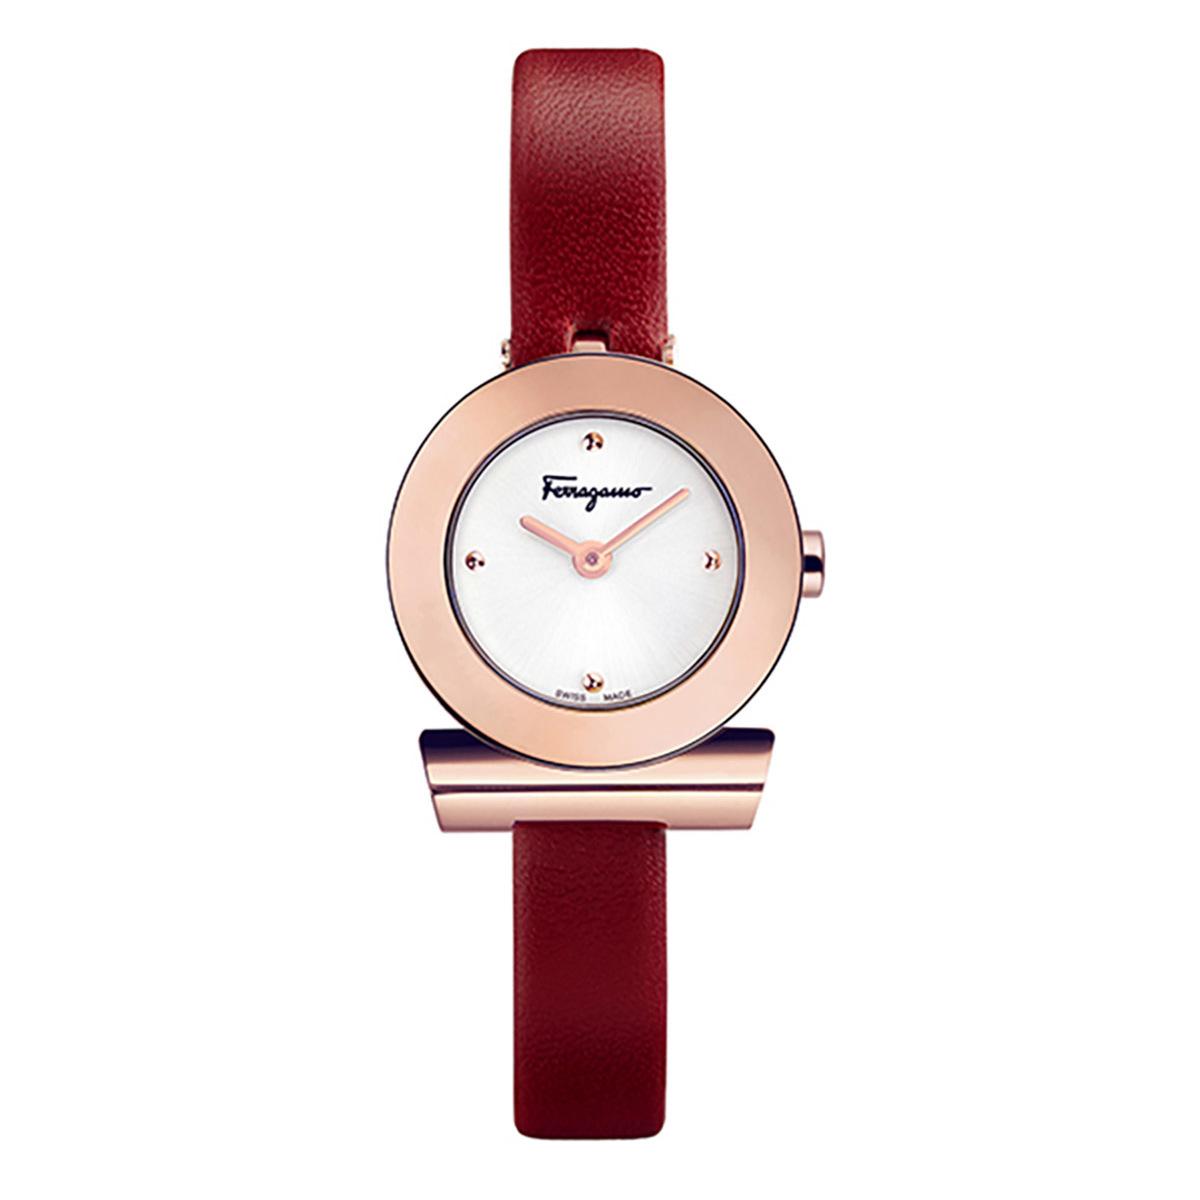 페라가모 여성시계 F43020017 Ferragamo Women's Watch F43020017